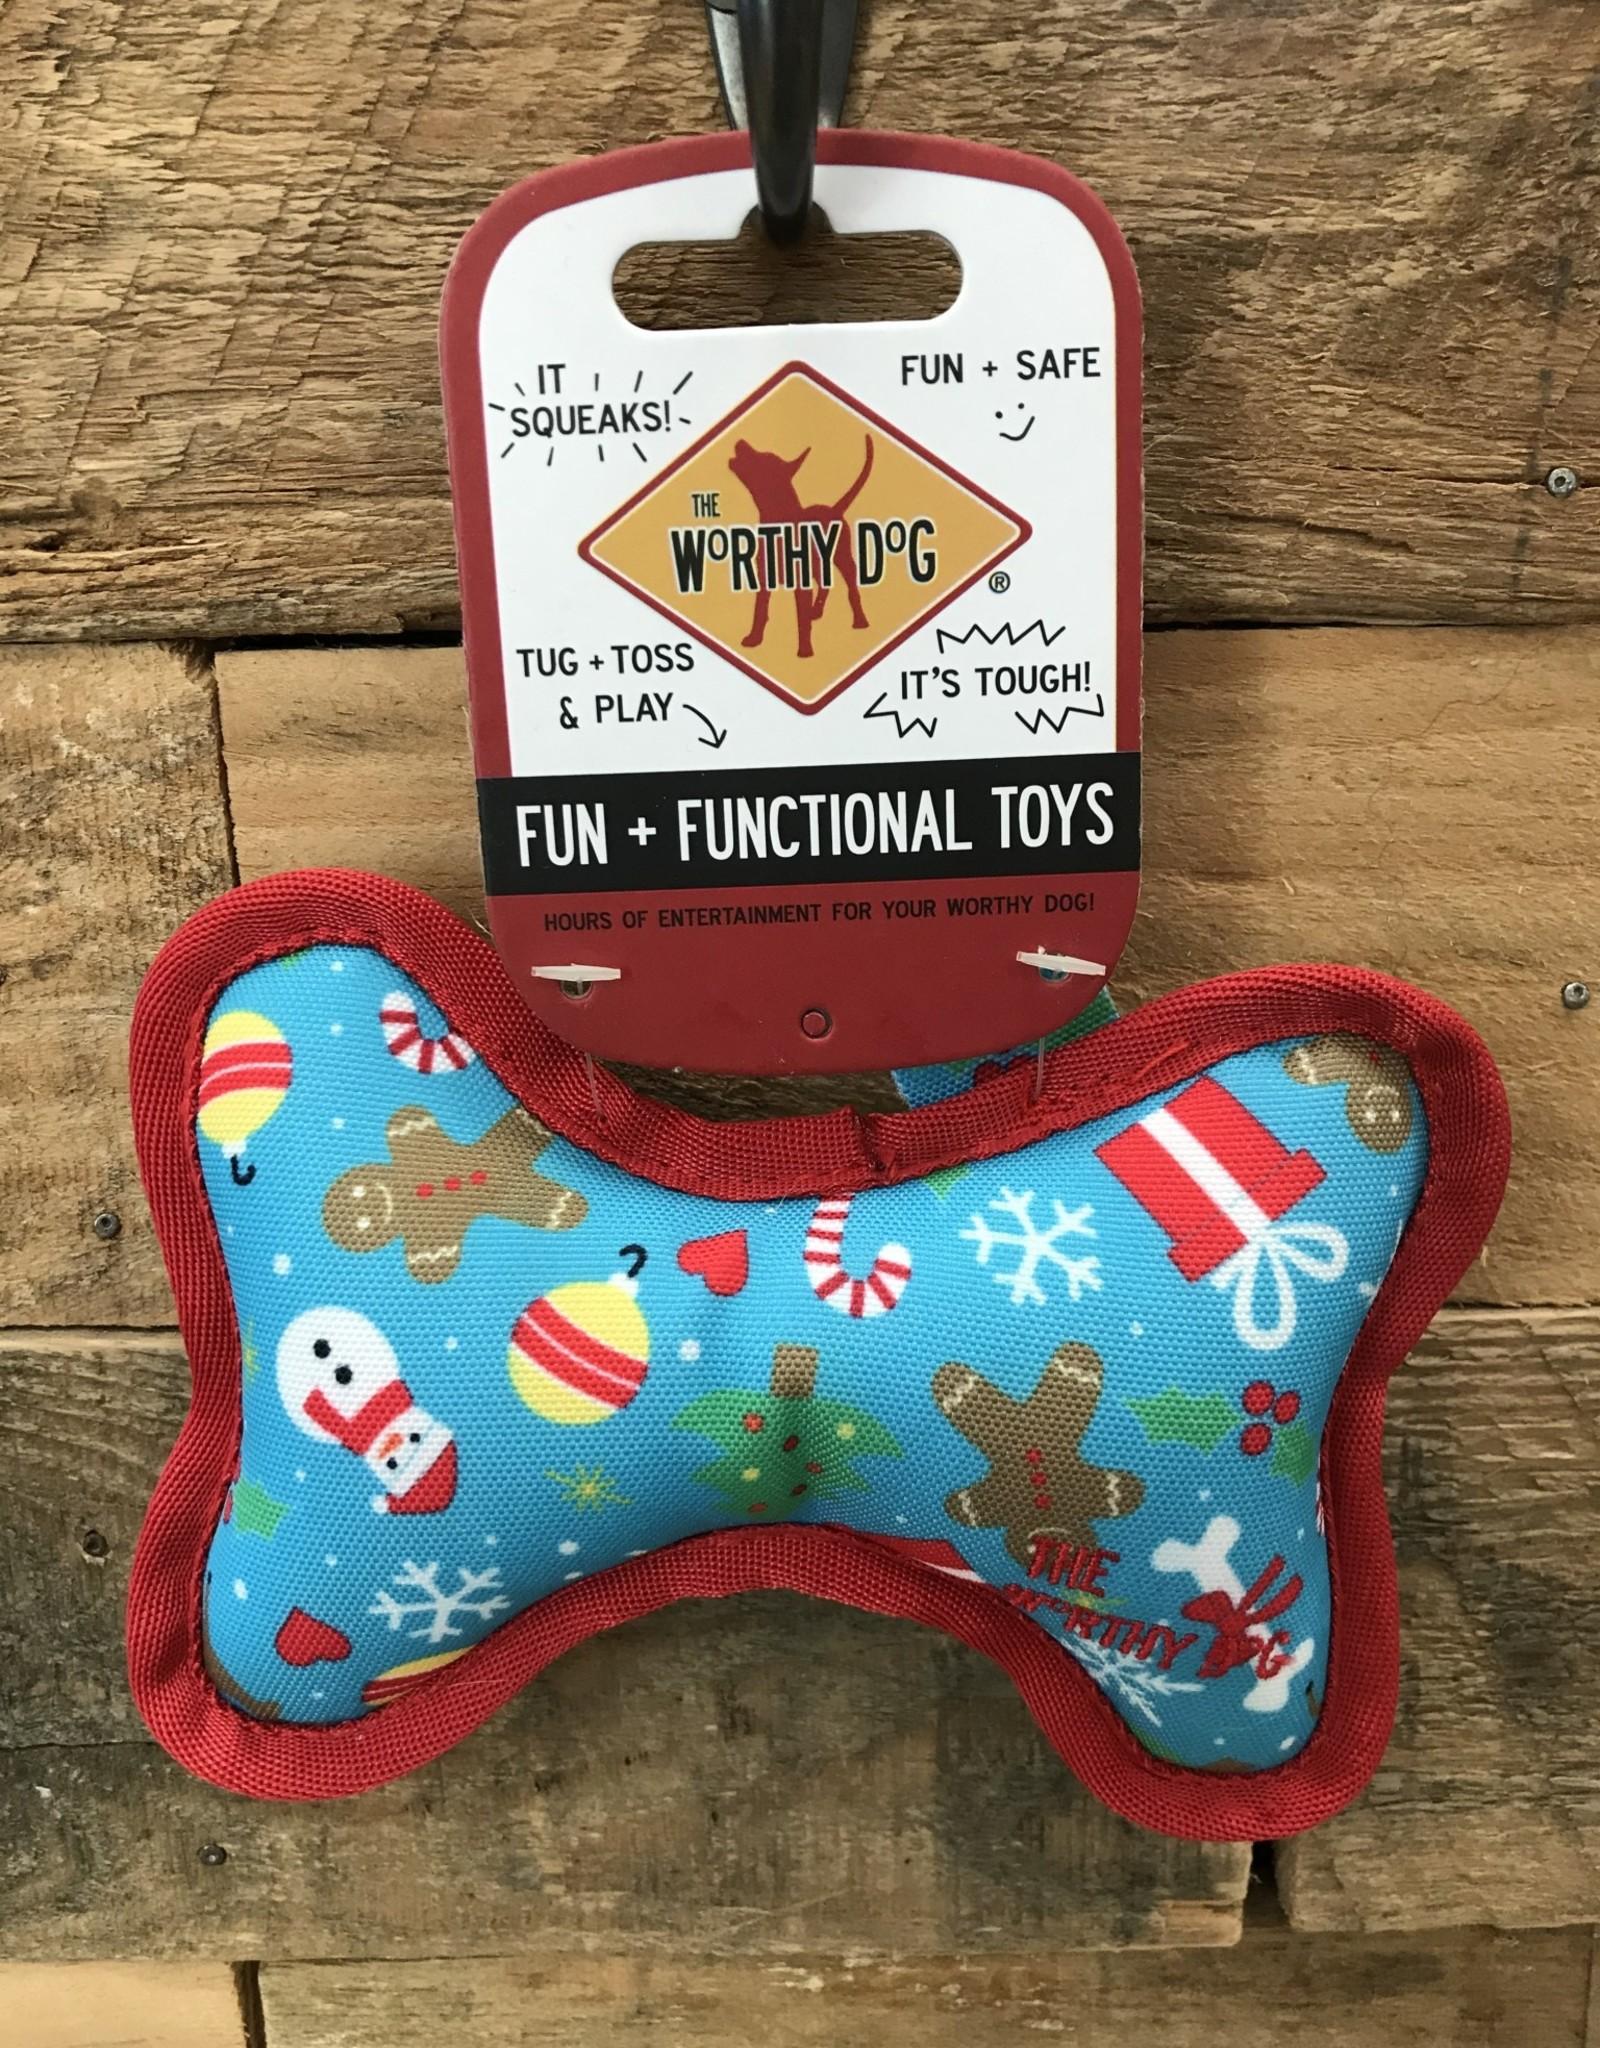 Worthy Dog Toy Xms The Worthy Dog Icy Blue Bone Small Dog toy